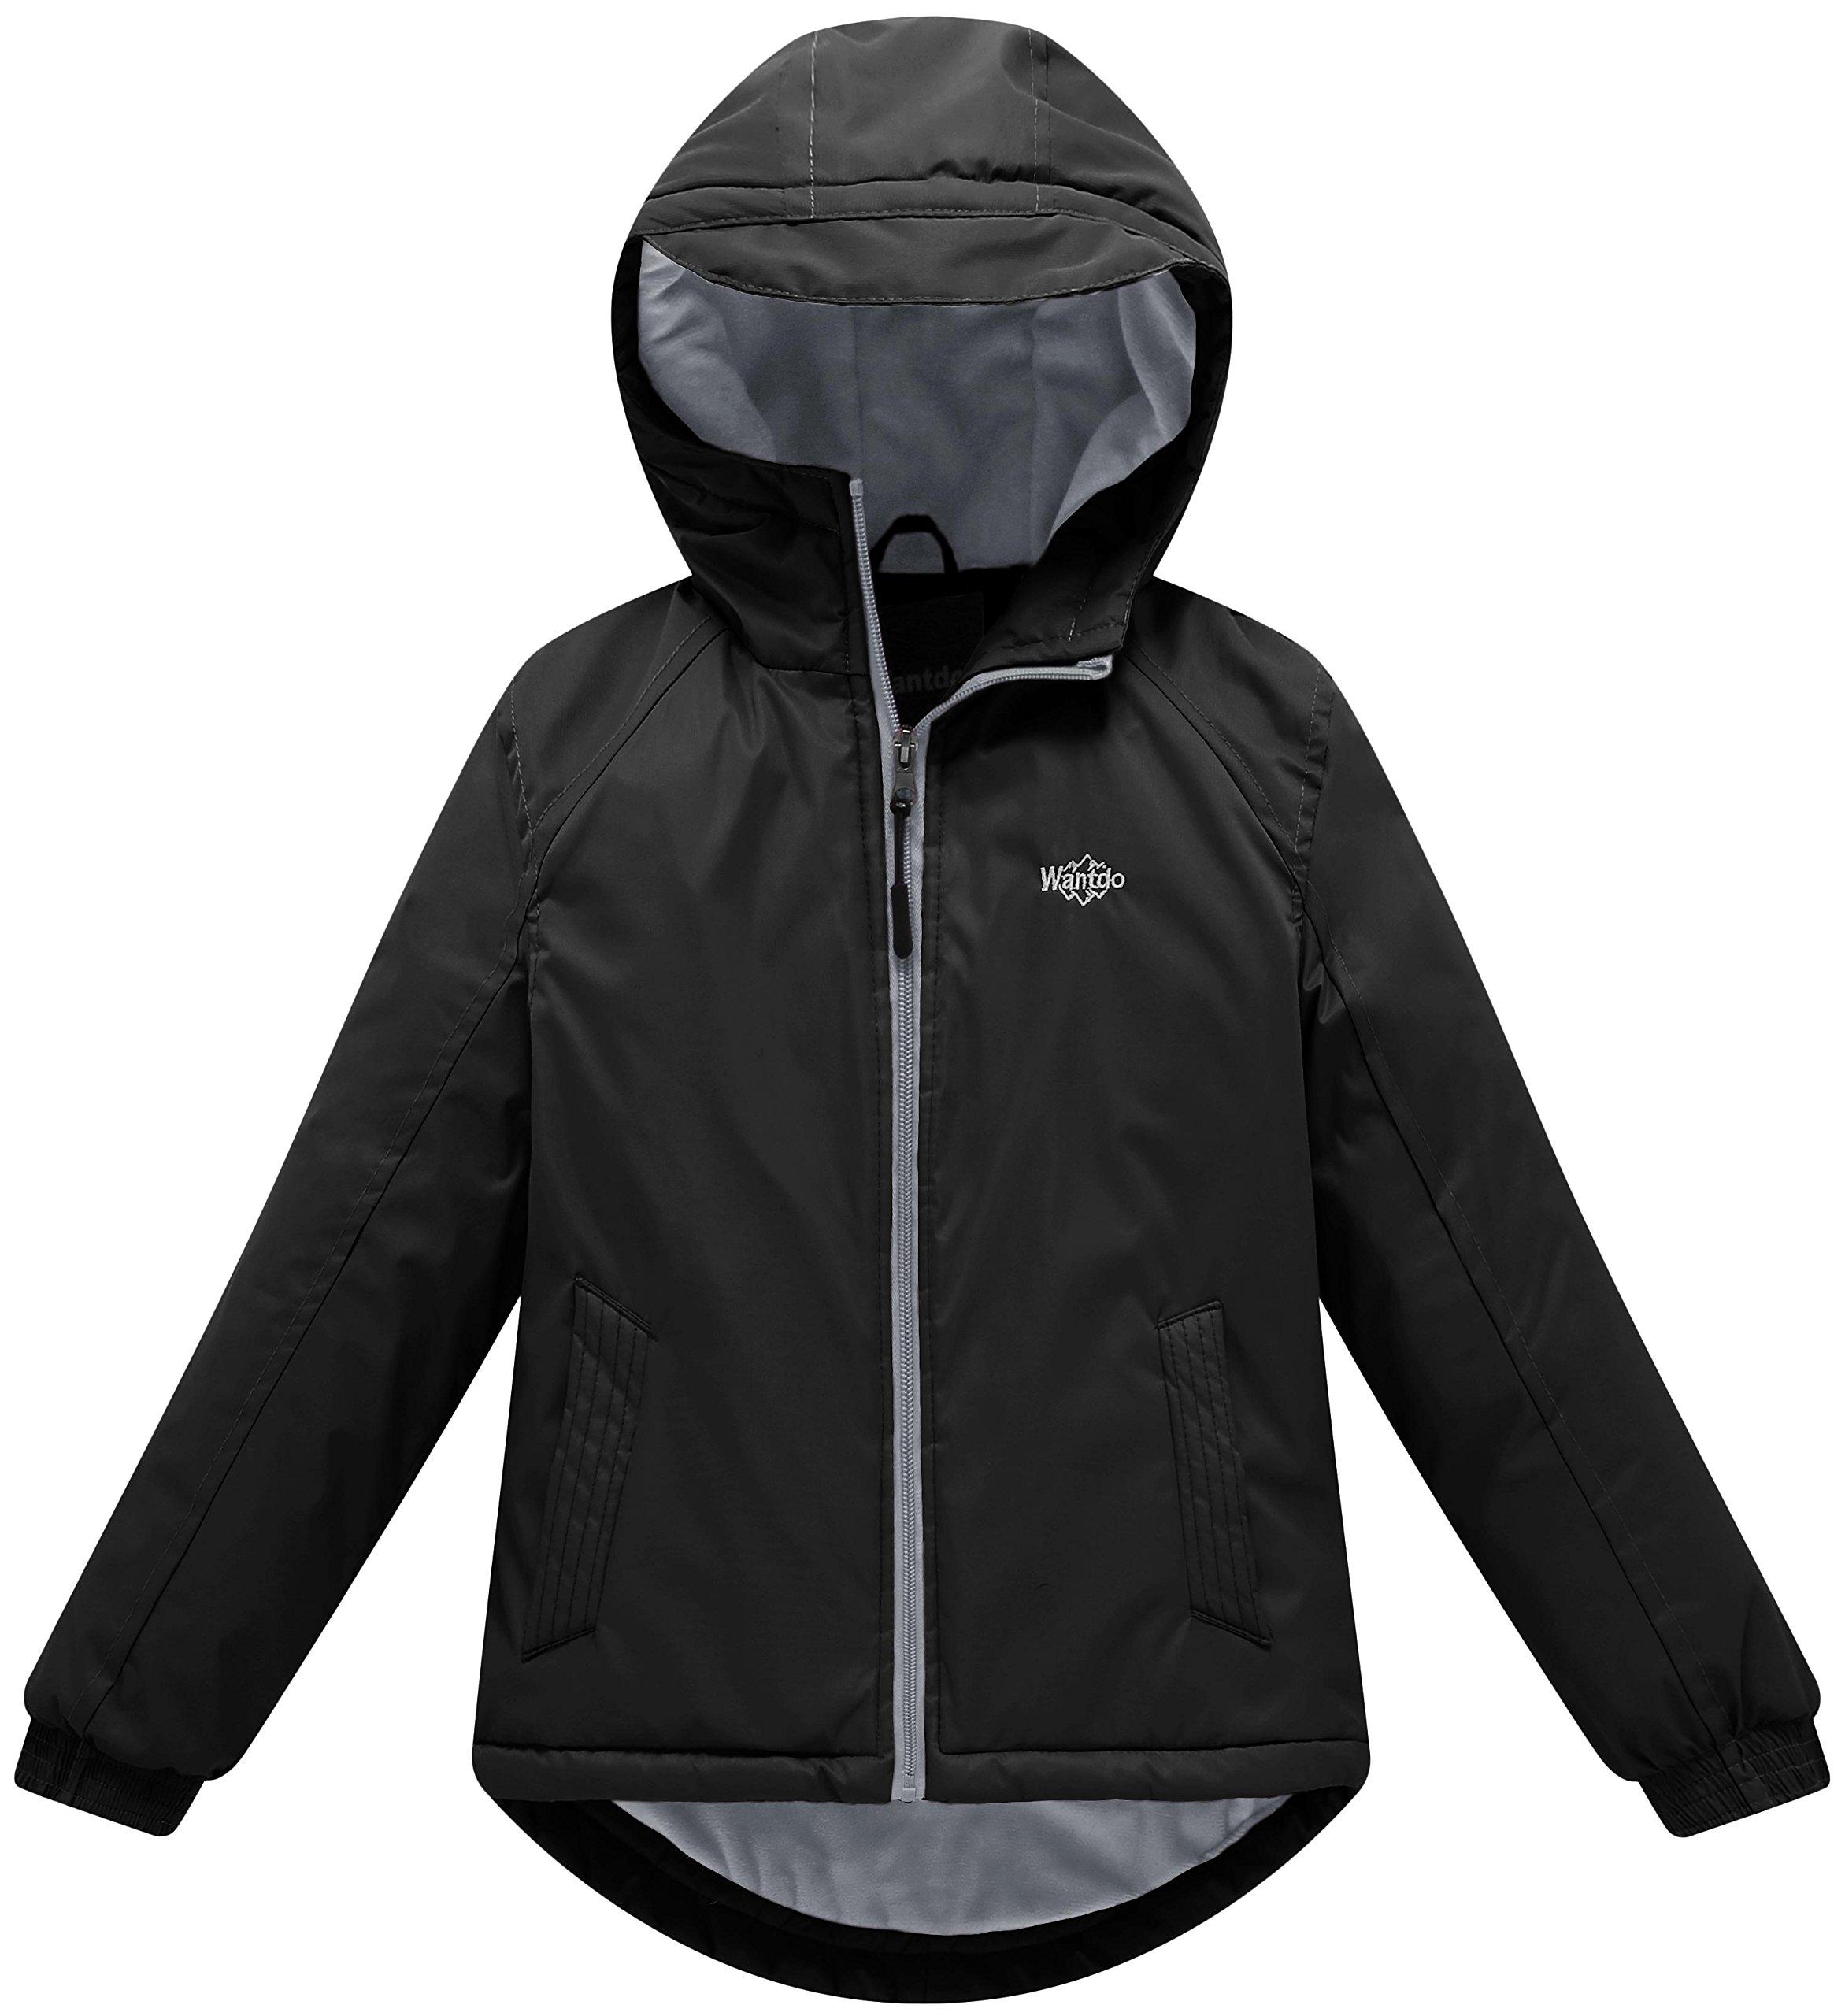 Wantdo Girl's Waterproof Fleece Lining Ski Jacket Hooded Wind Breaker Outerwear(Black, 8)